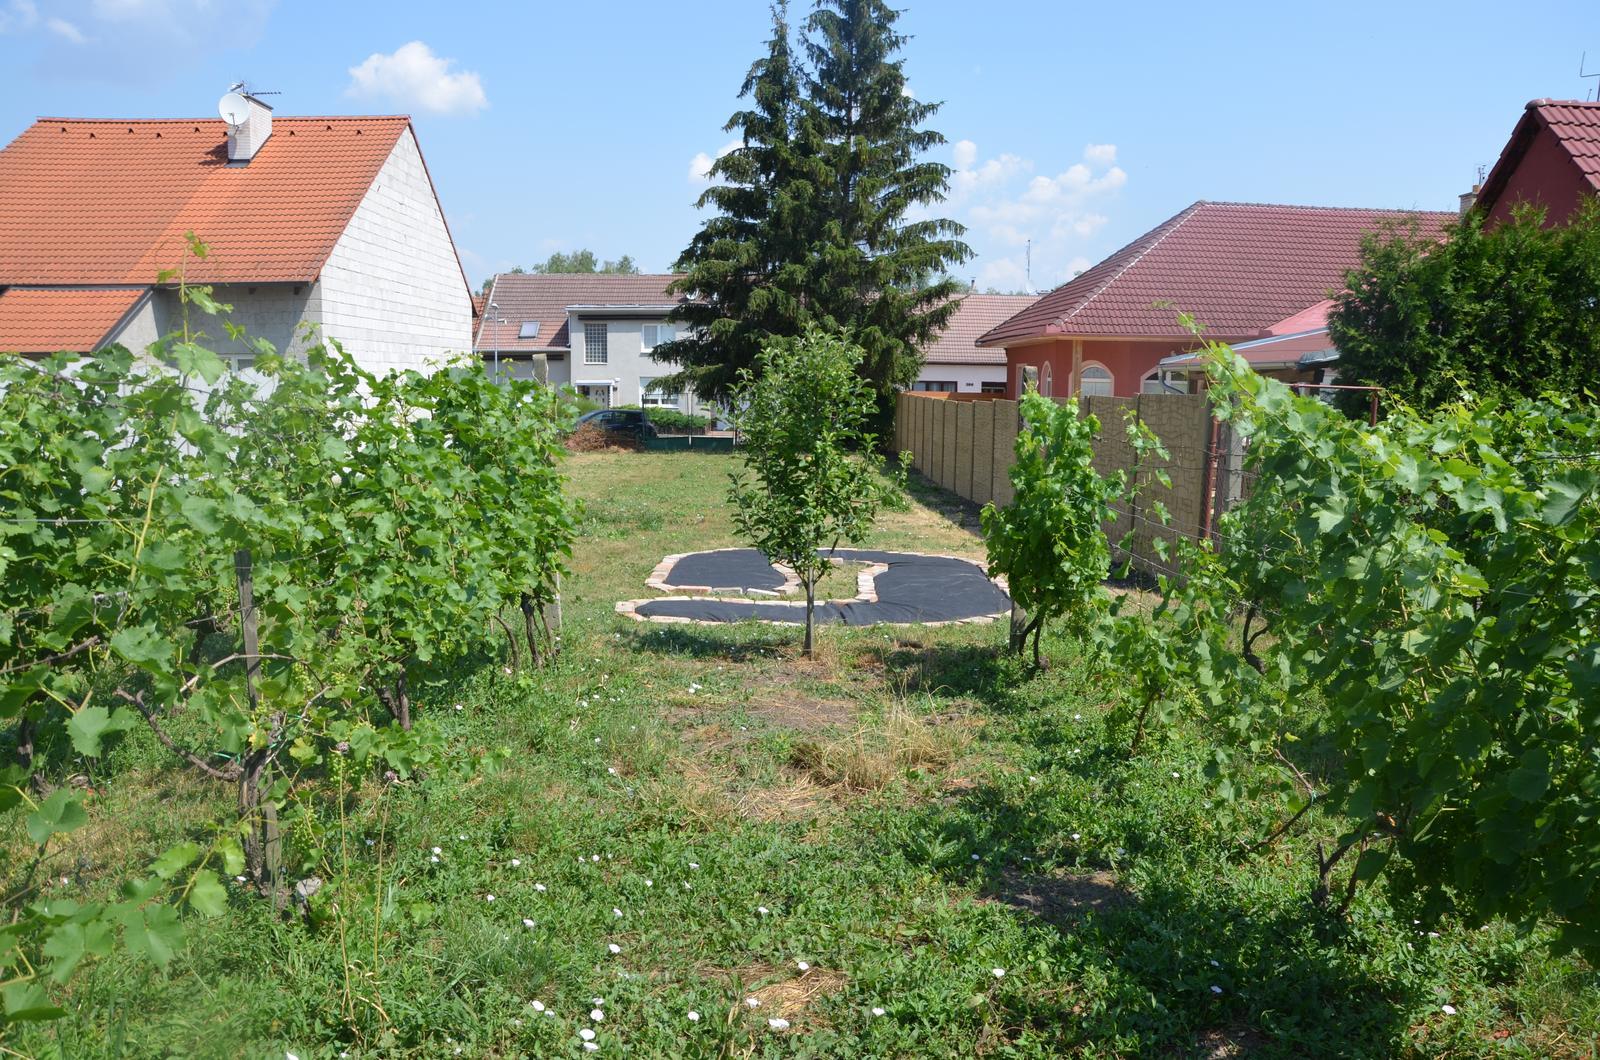 Vysněná zahrada... - pohled od modrého sudu středem vinohradu, přes jablůňku, na nový jahodový záhon